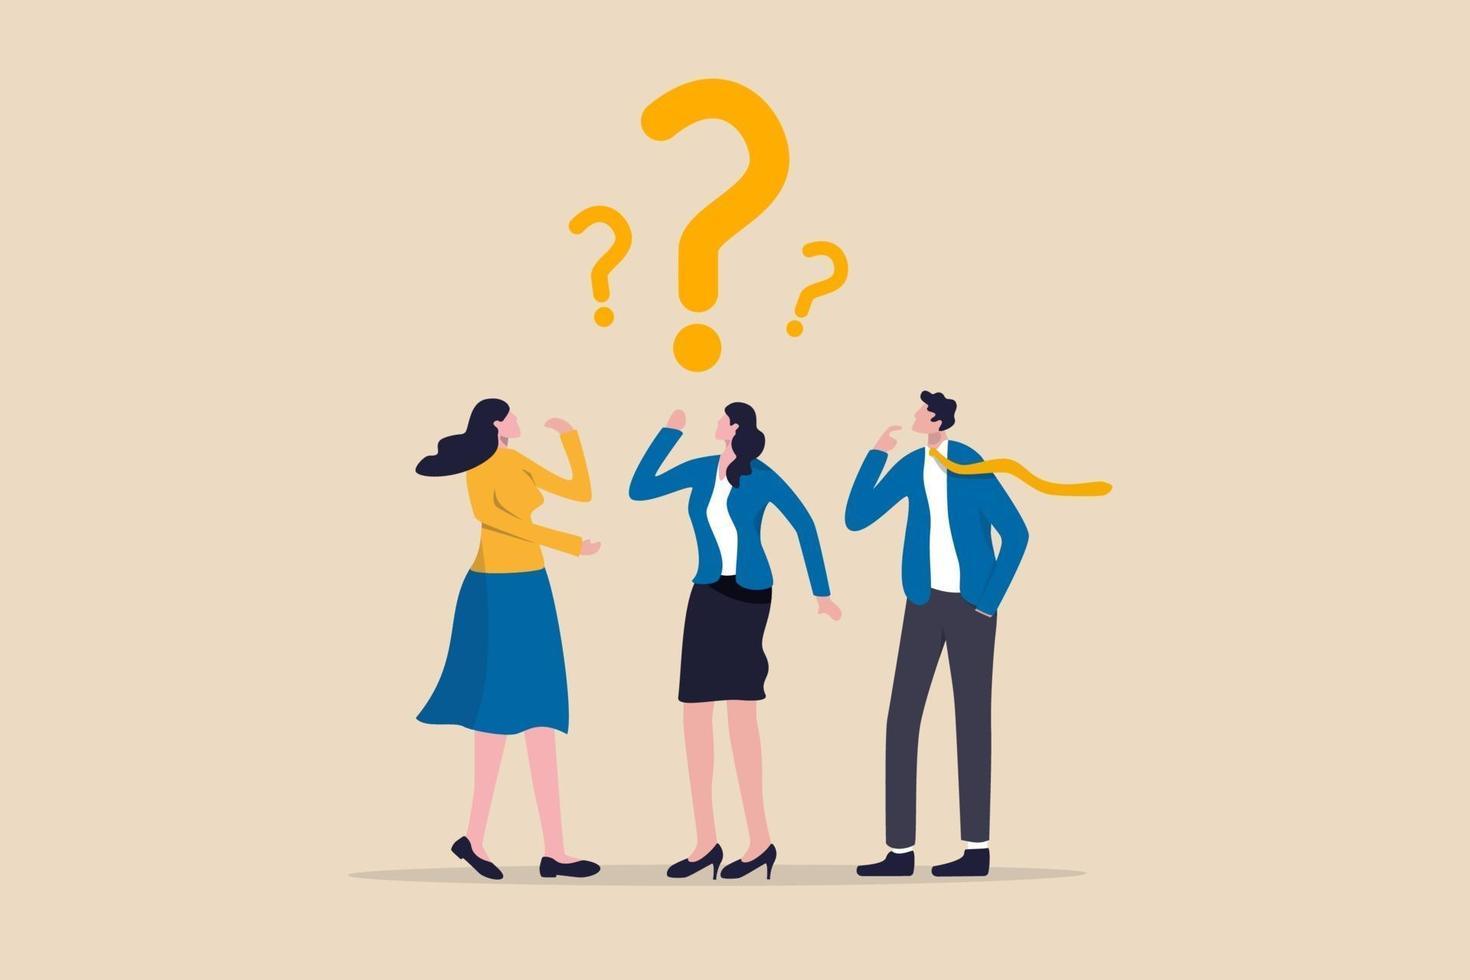 förvirrad affärslag hitta svar eller lösning för att lösa problem, arbetsfråga eller tvivel och misstankar i arbetsprocesskoncept vektor